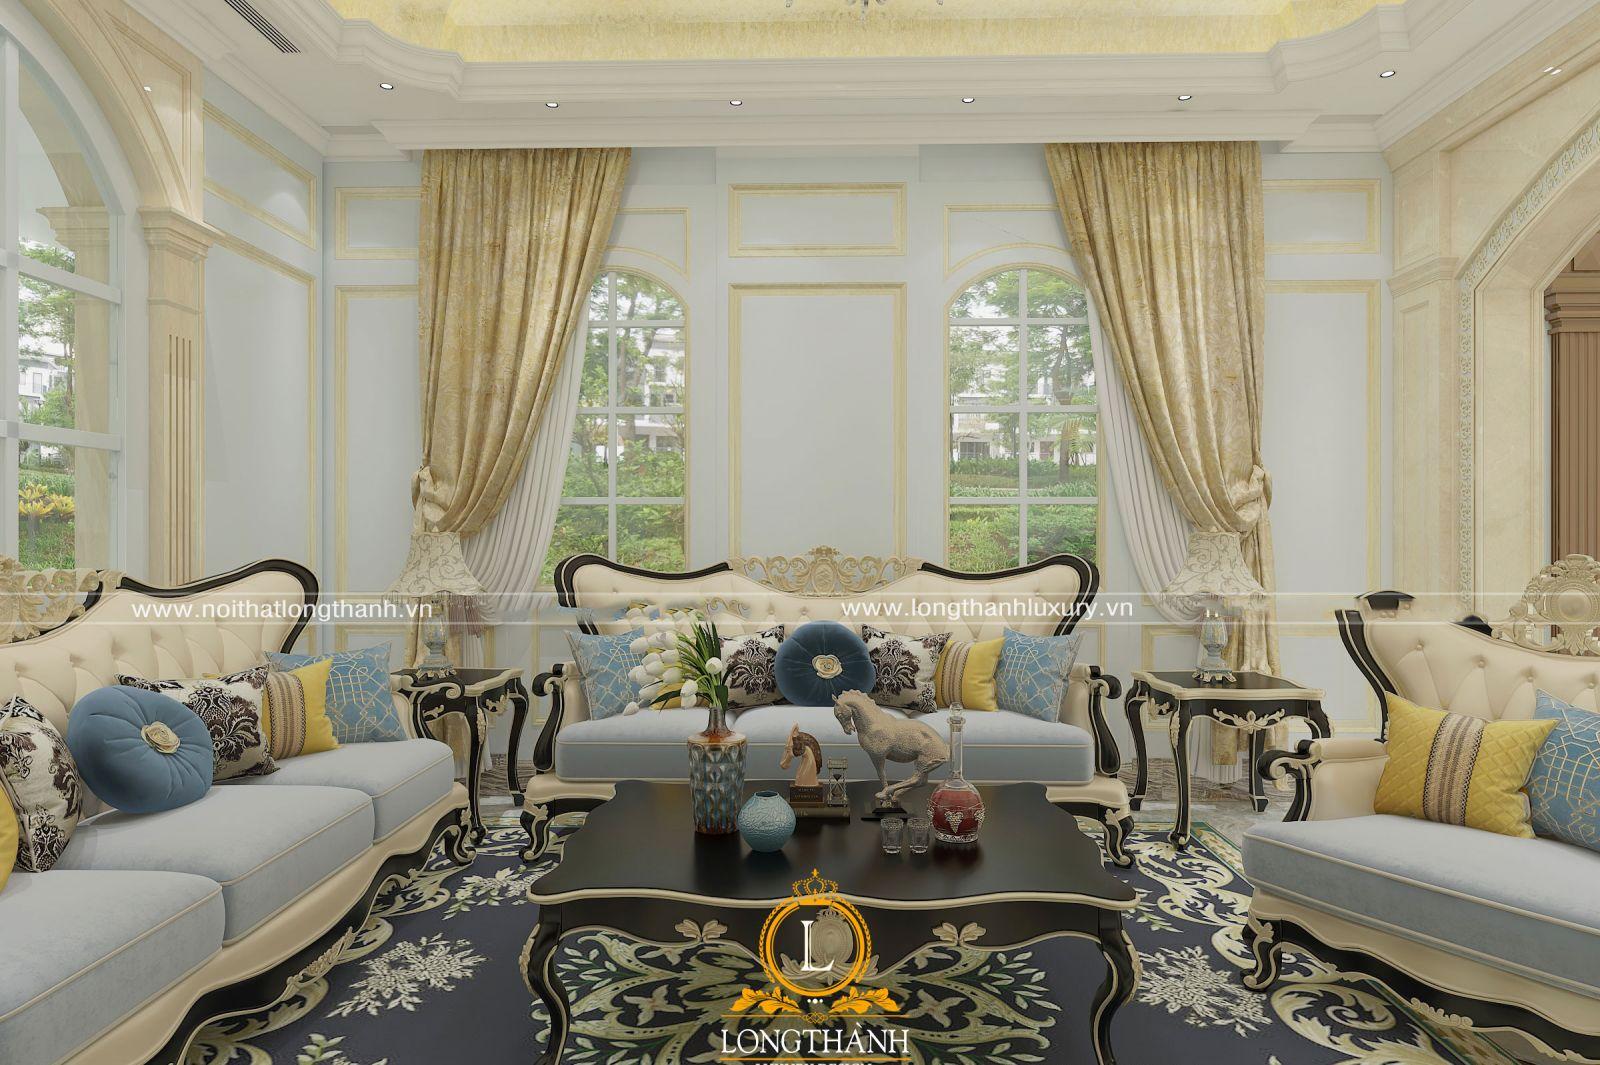 Bộ sofa tân cổ điển được bọc chất liệu nỉ cao cấp